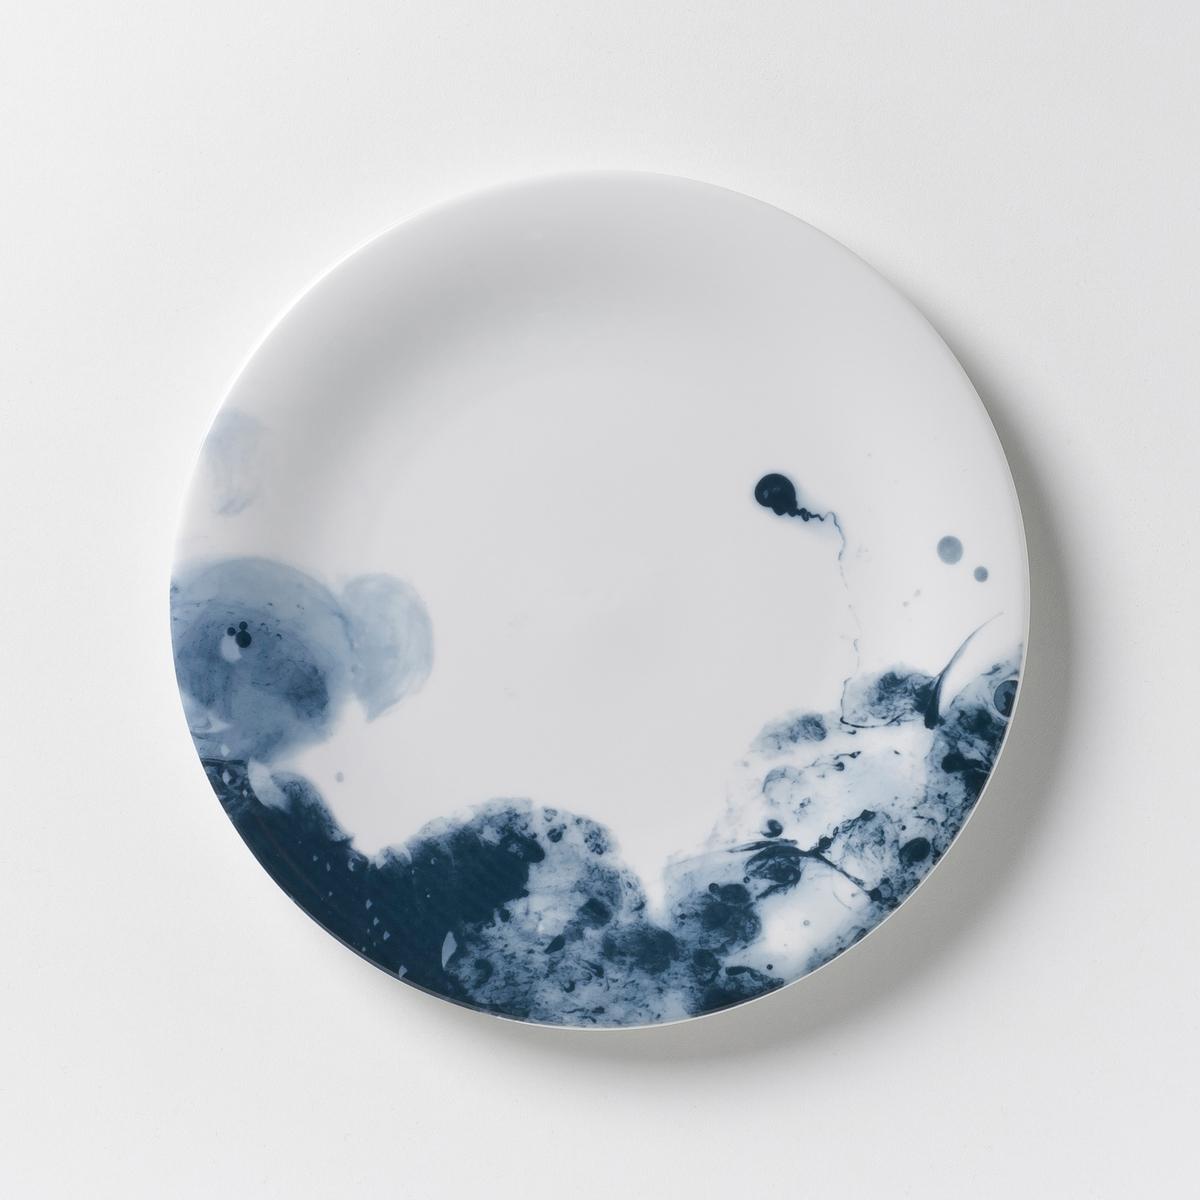 4 тарелки десертные из фарфора Encira4 тарелки десертные Encira . Очень красивый эффект синей акварели. Из глазурованного фарфора. Размер : ?22 см. Можно мыть в посудомоечной машине и использовать в микроволновой печи. Сделано в Португалии. Кружка и плоская тарелка из комплекта продаются на нашем сайте .<br><br>Цвет: синий